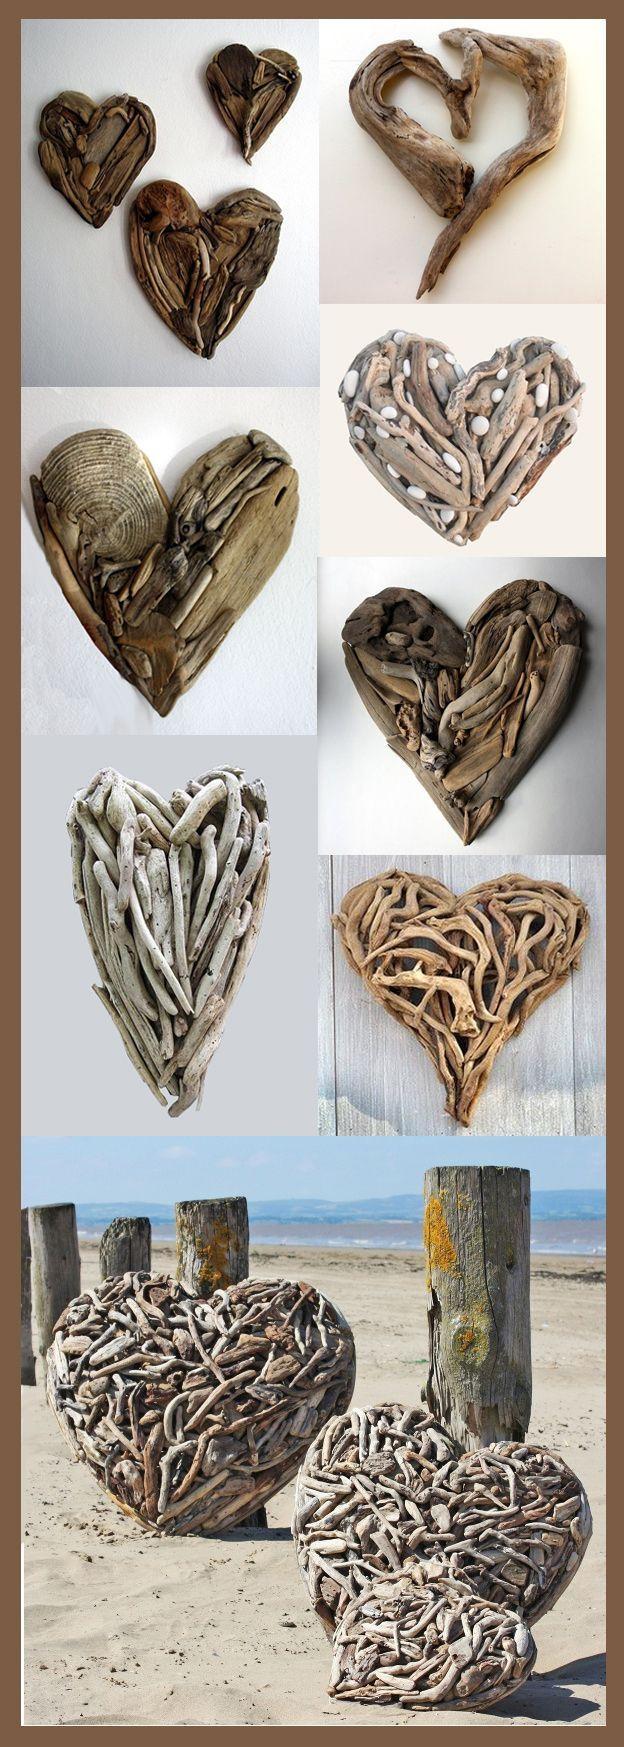 25+ Best Driftwood Art Ideas On Pinterest | Driftwood Crafts Intended For Driftwood Heart Wall Art (View 9 of 20)